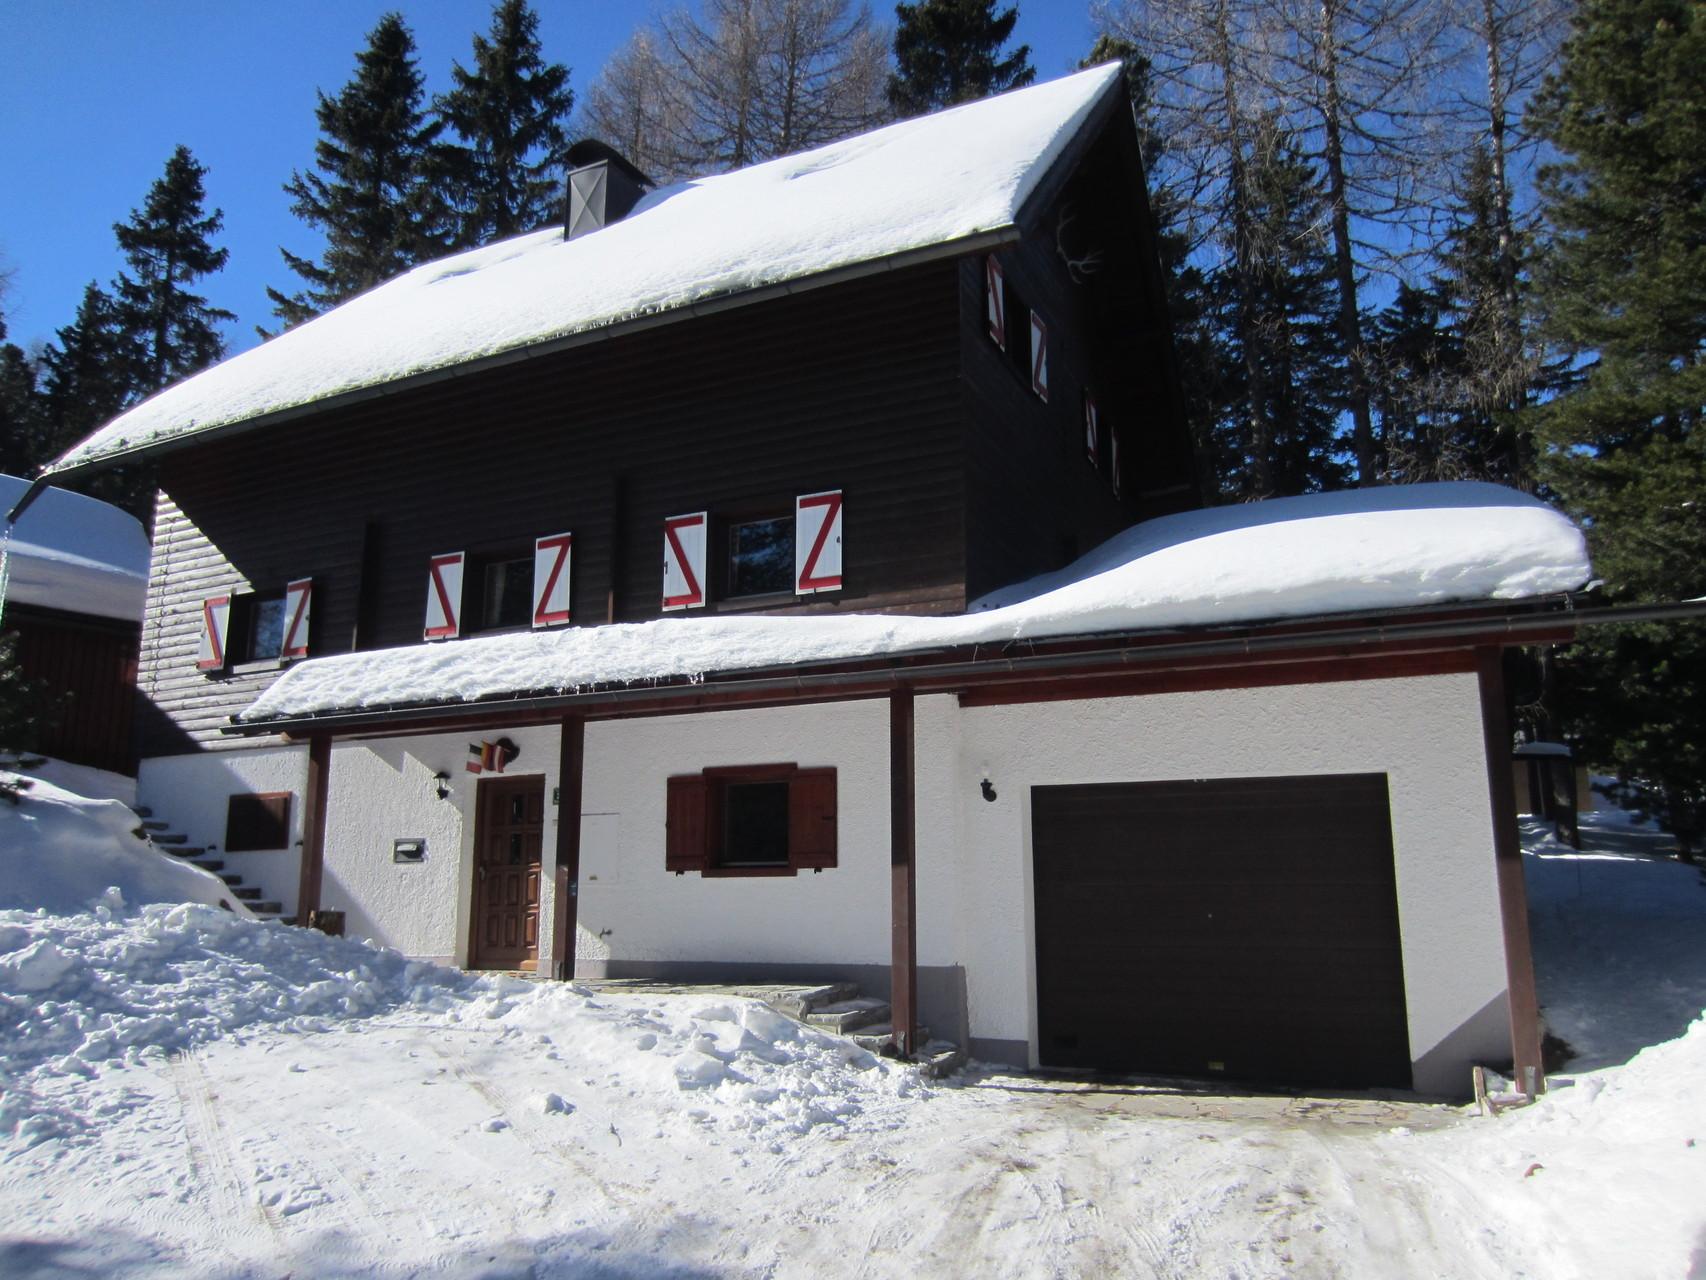 Zirbenwald Lodge - Winteransicht mit Garage und Stellplätzen